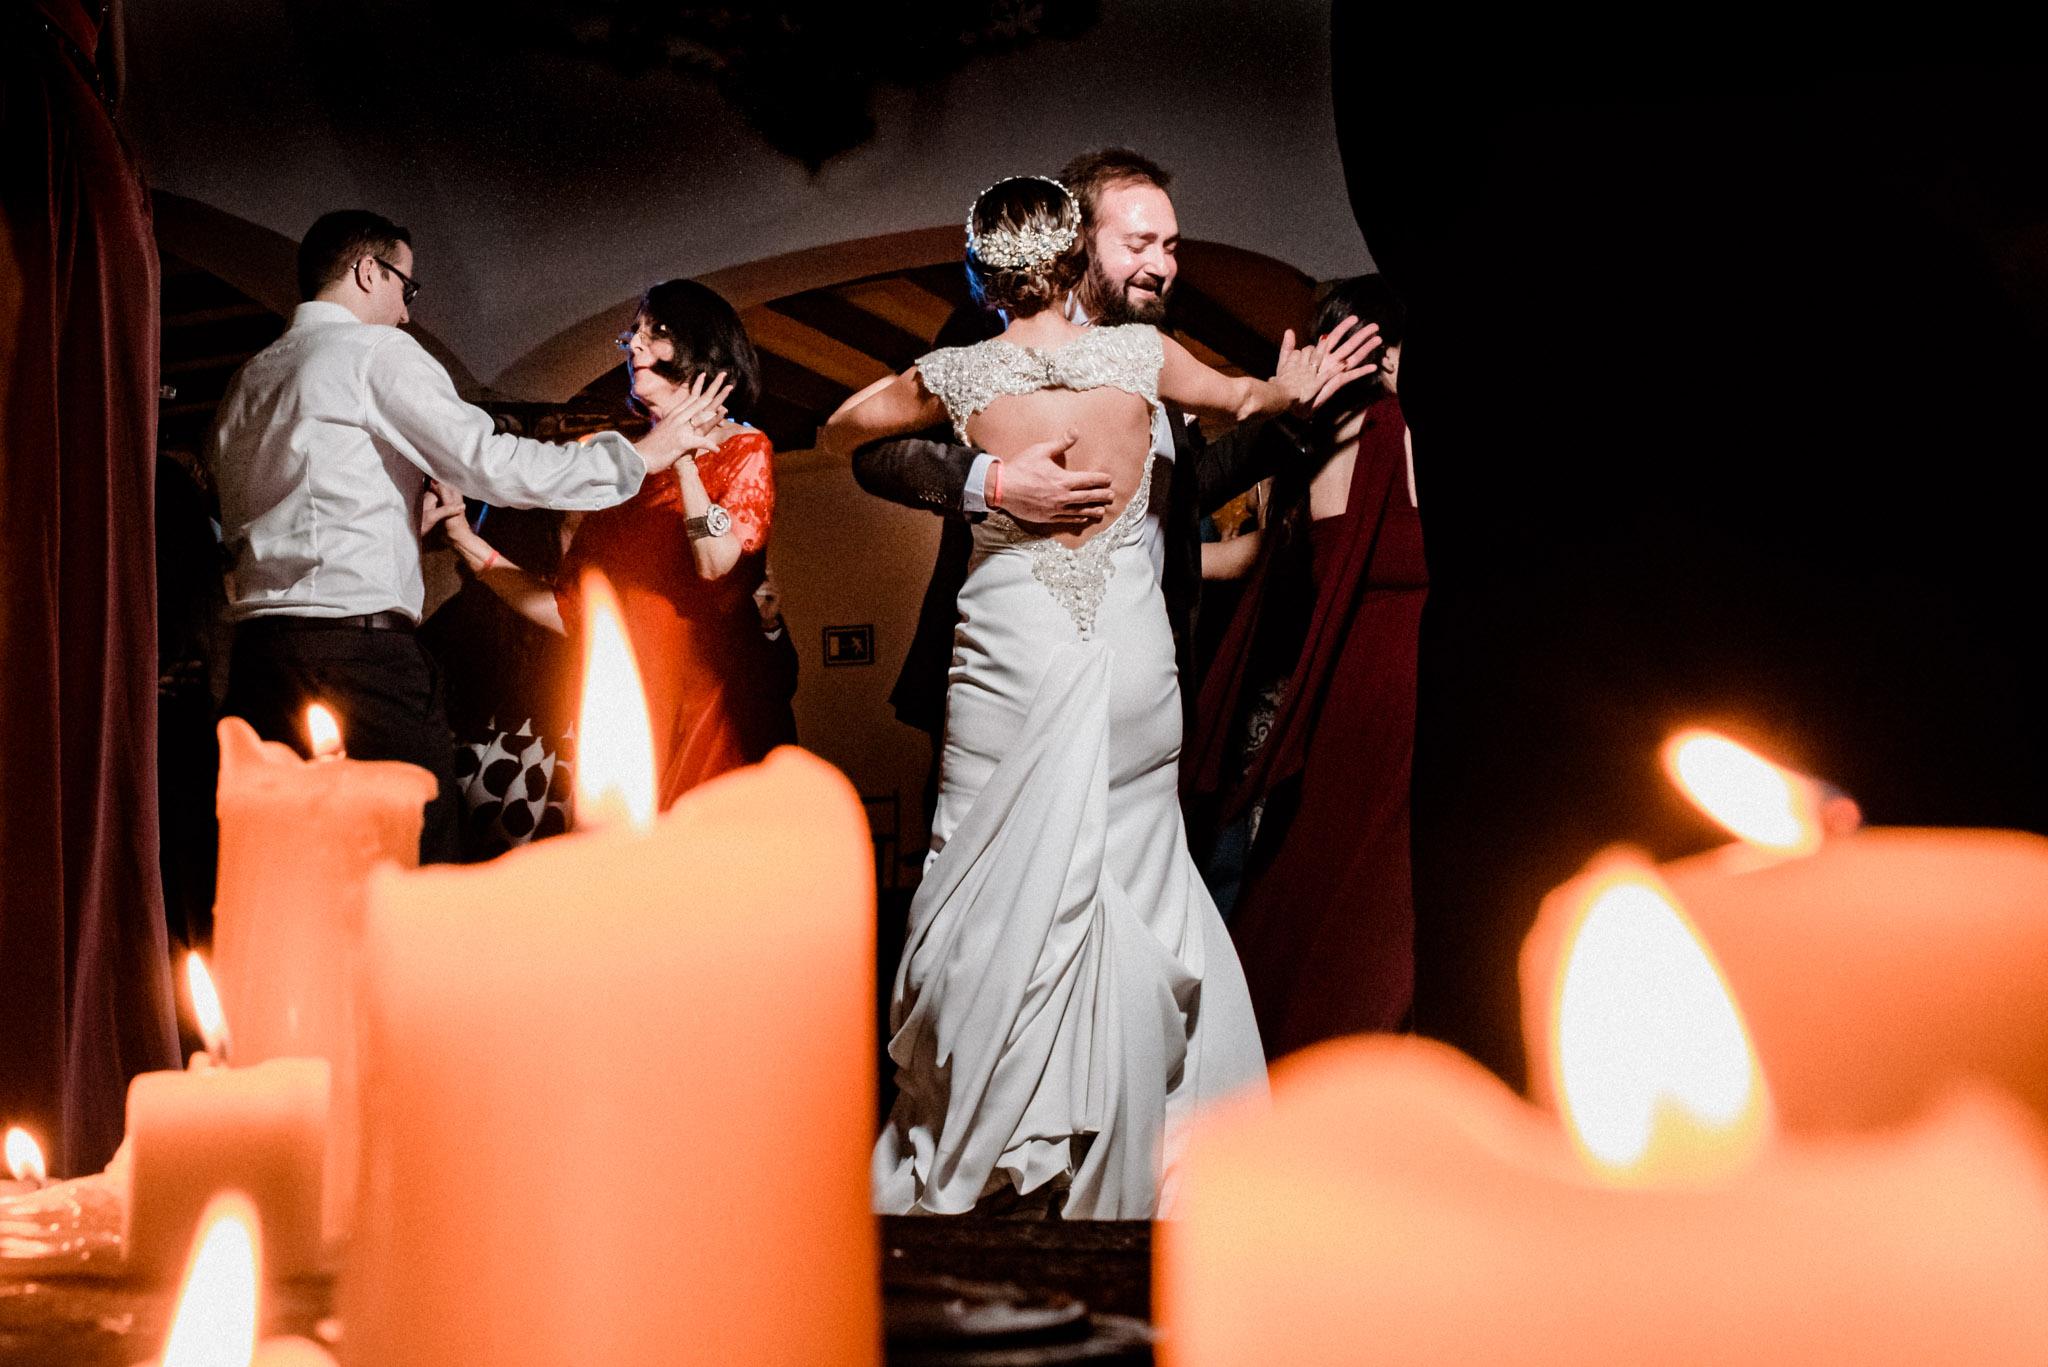 Boda en Ermita Virgen del Puerto - bailando con el suegro